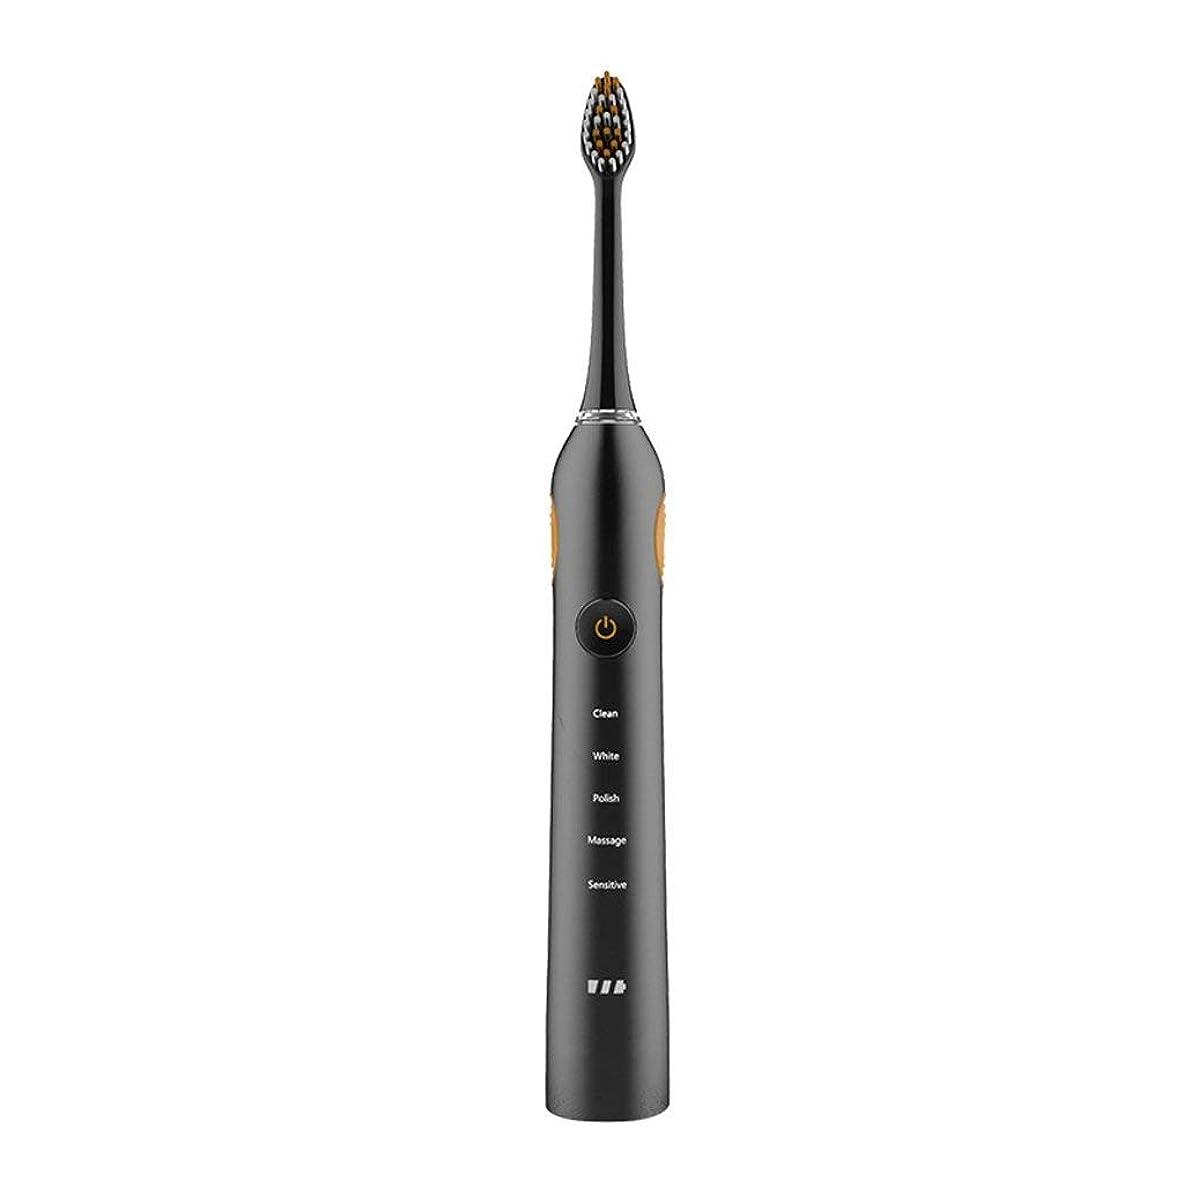 バーター賠償魅力音波歯ブラシIPX7防水電動歯ブラシ低ノイズ電動歯ブラシ2交換ヘッド5ブラッシングモード(色:B)